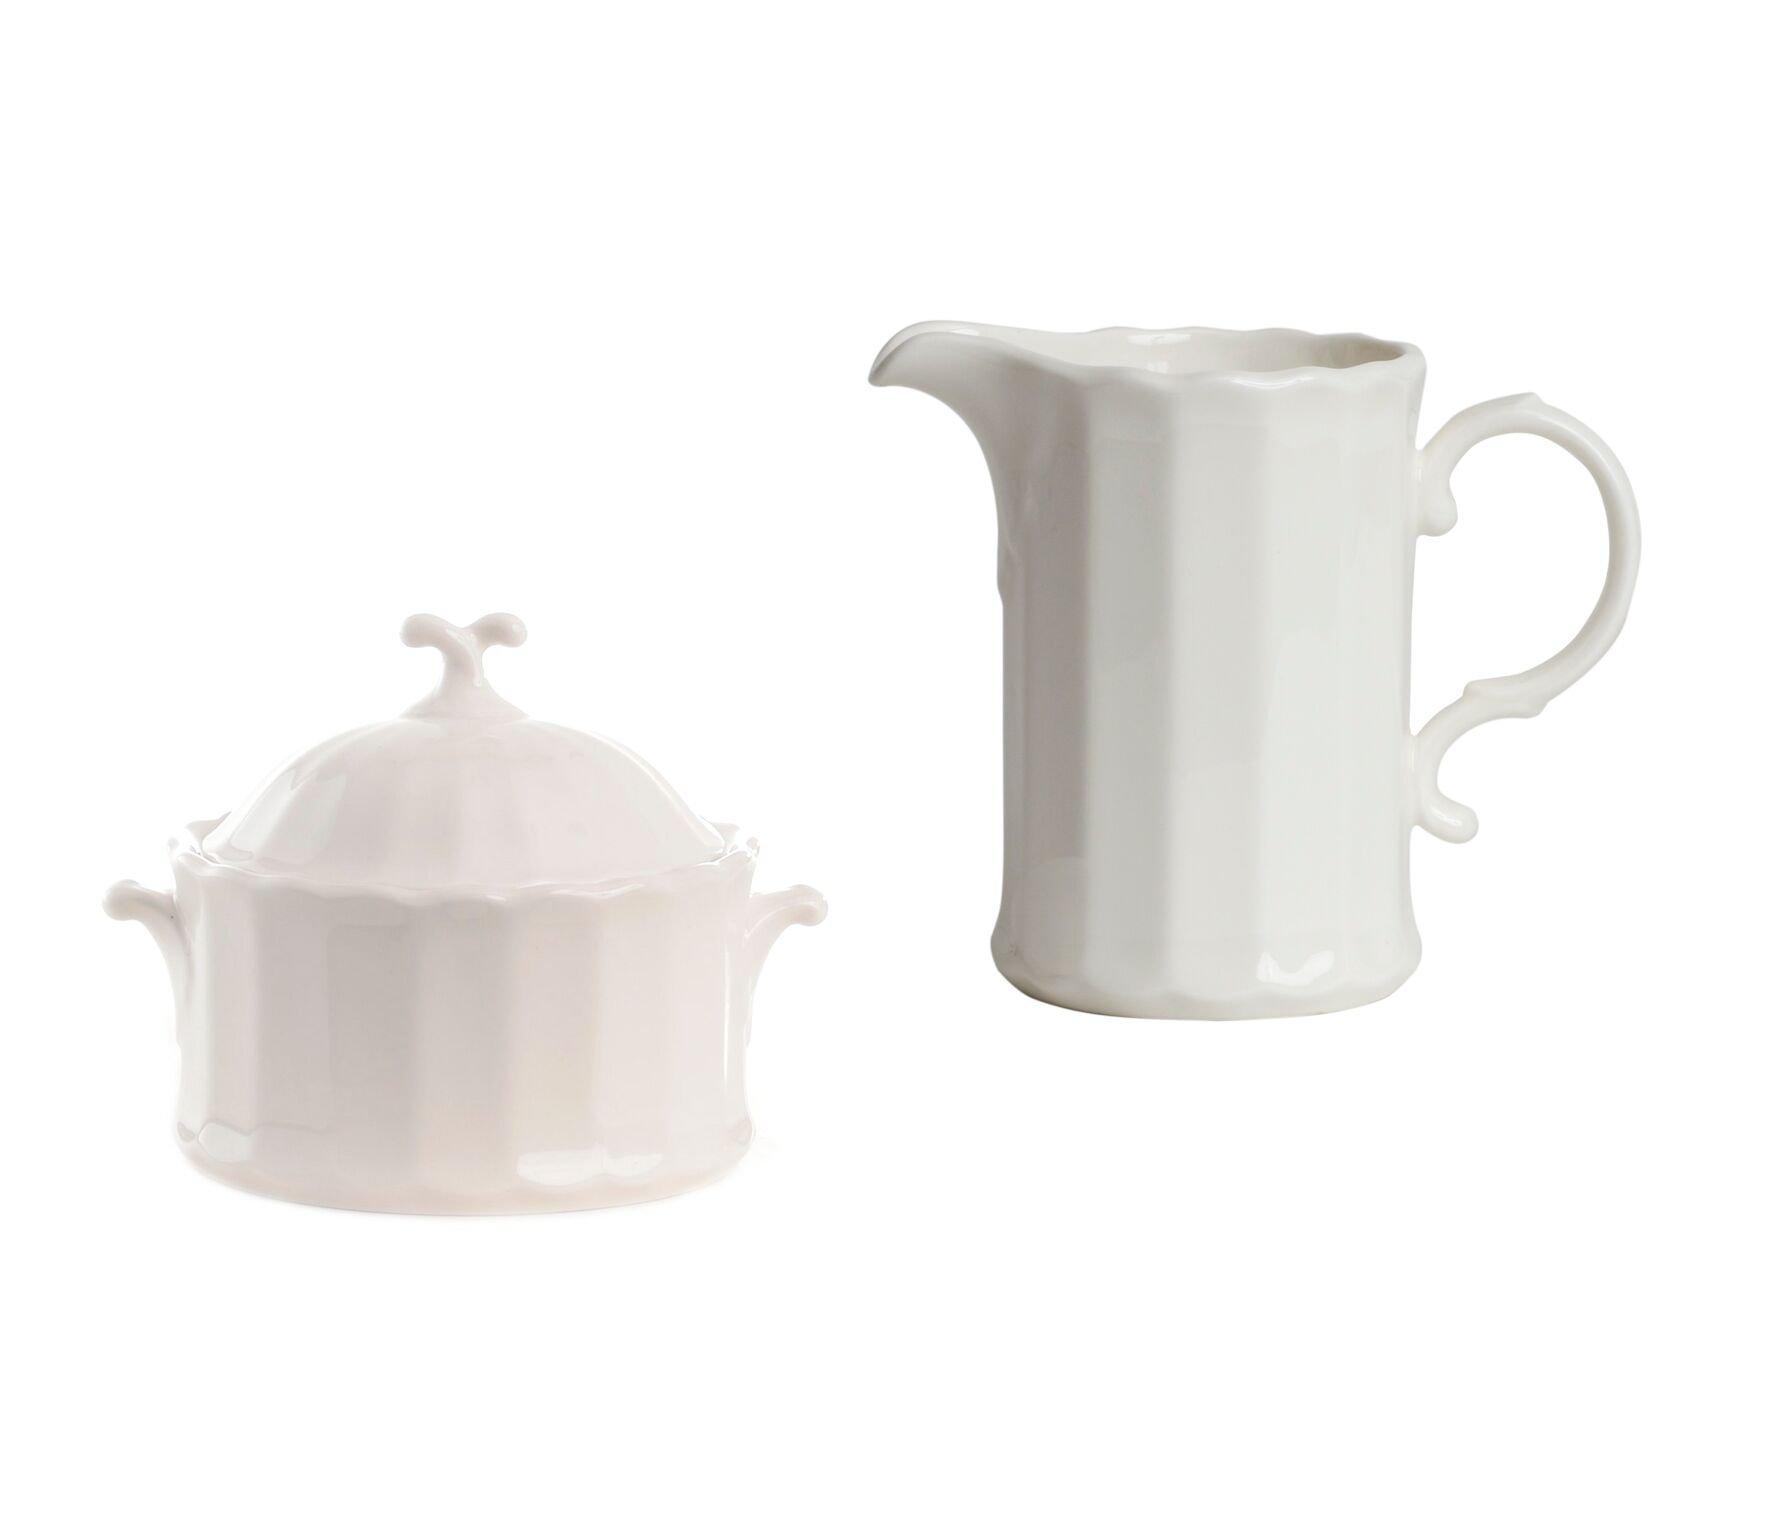 Red Vanilla Yardley Covered Sugar Bowl and Creamer Set